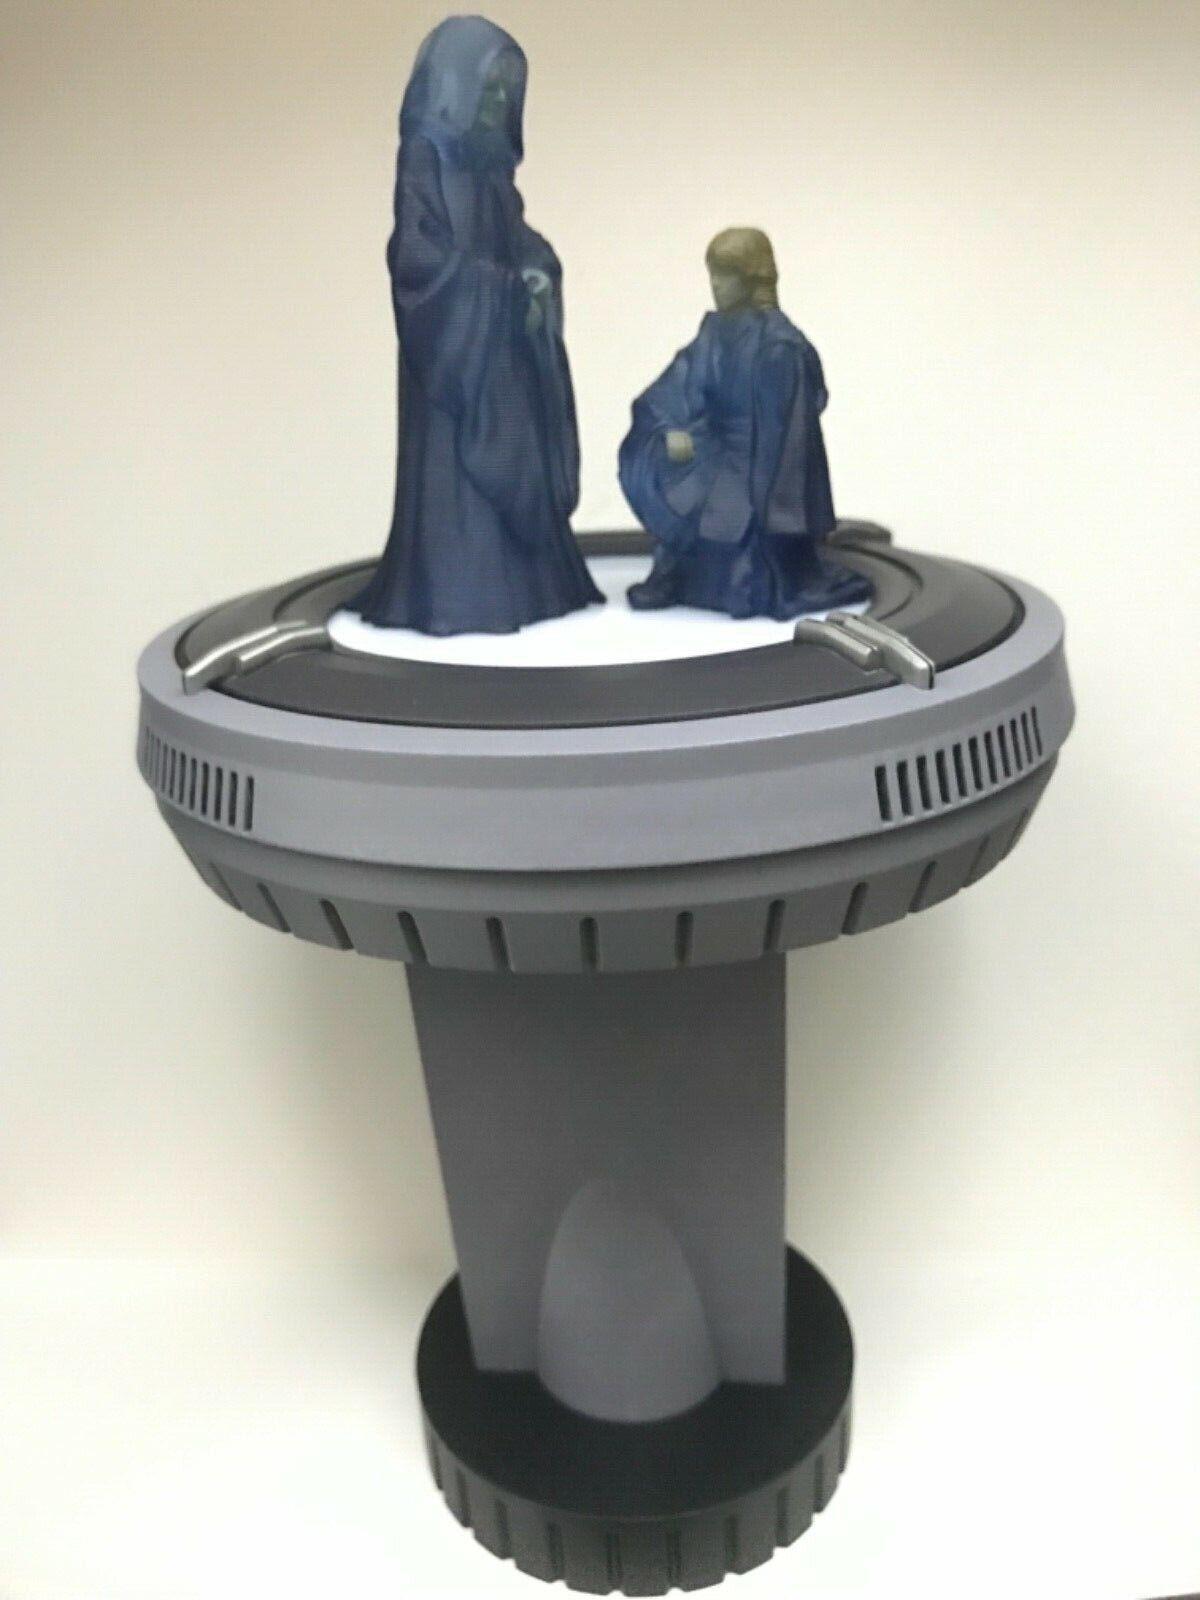 Caliente giocattoli estrella guerras OBI WAN KENOBI MMS478   - 1 6th scale hologram cifra table  una marca di lusso